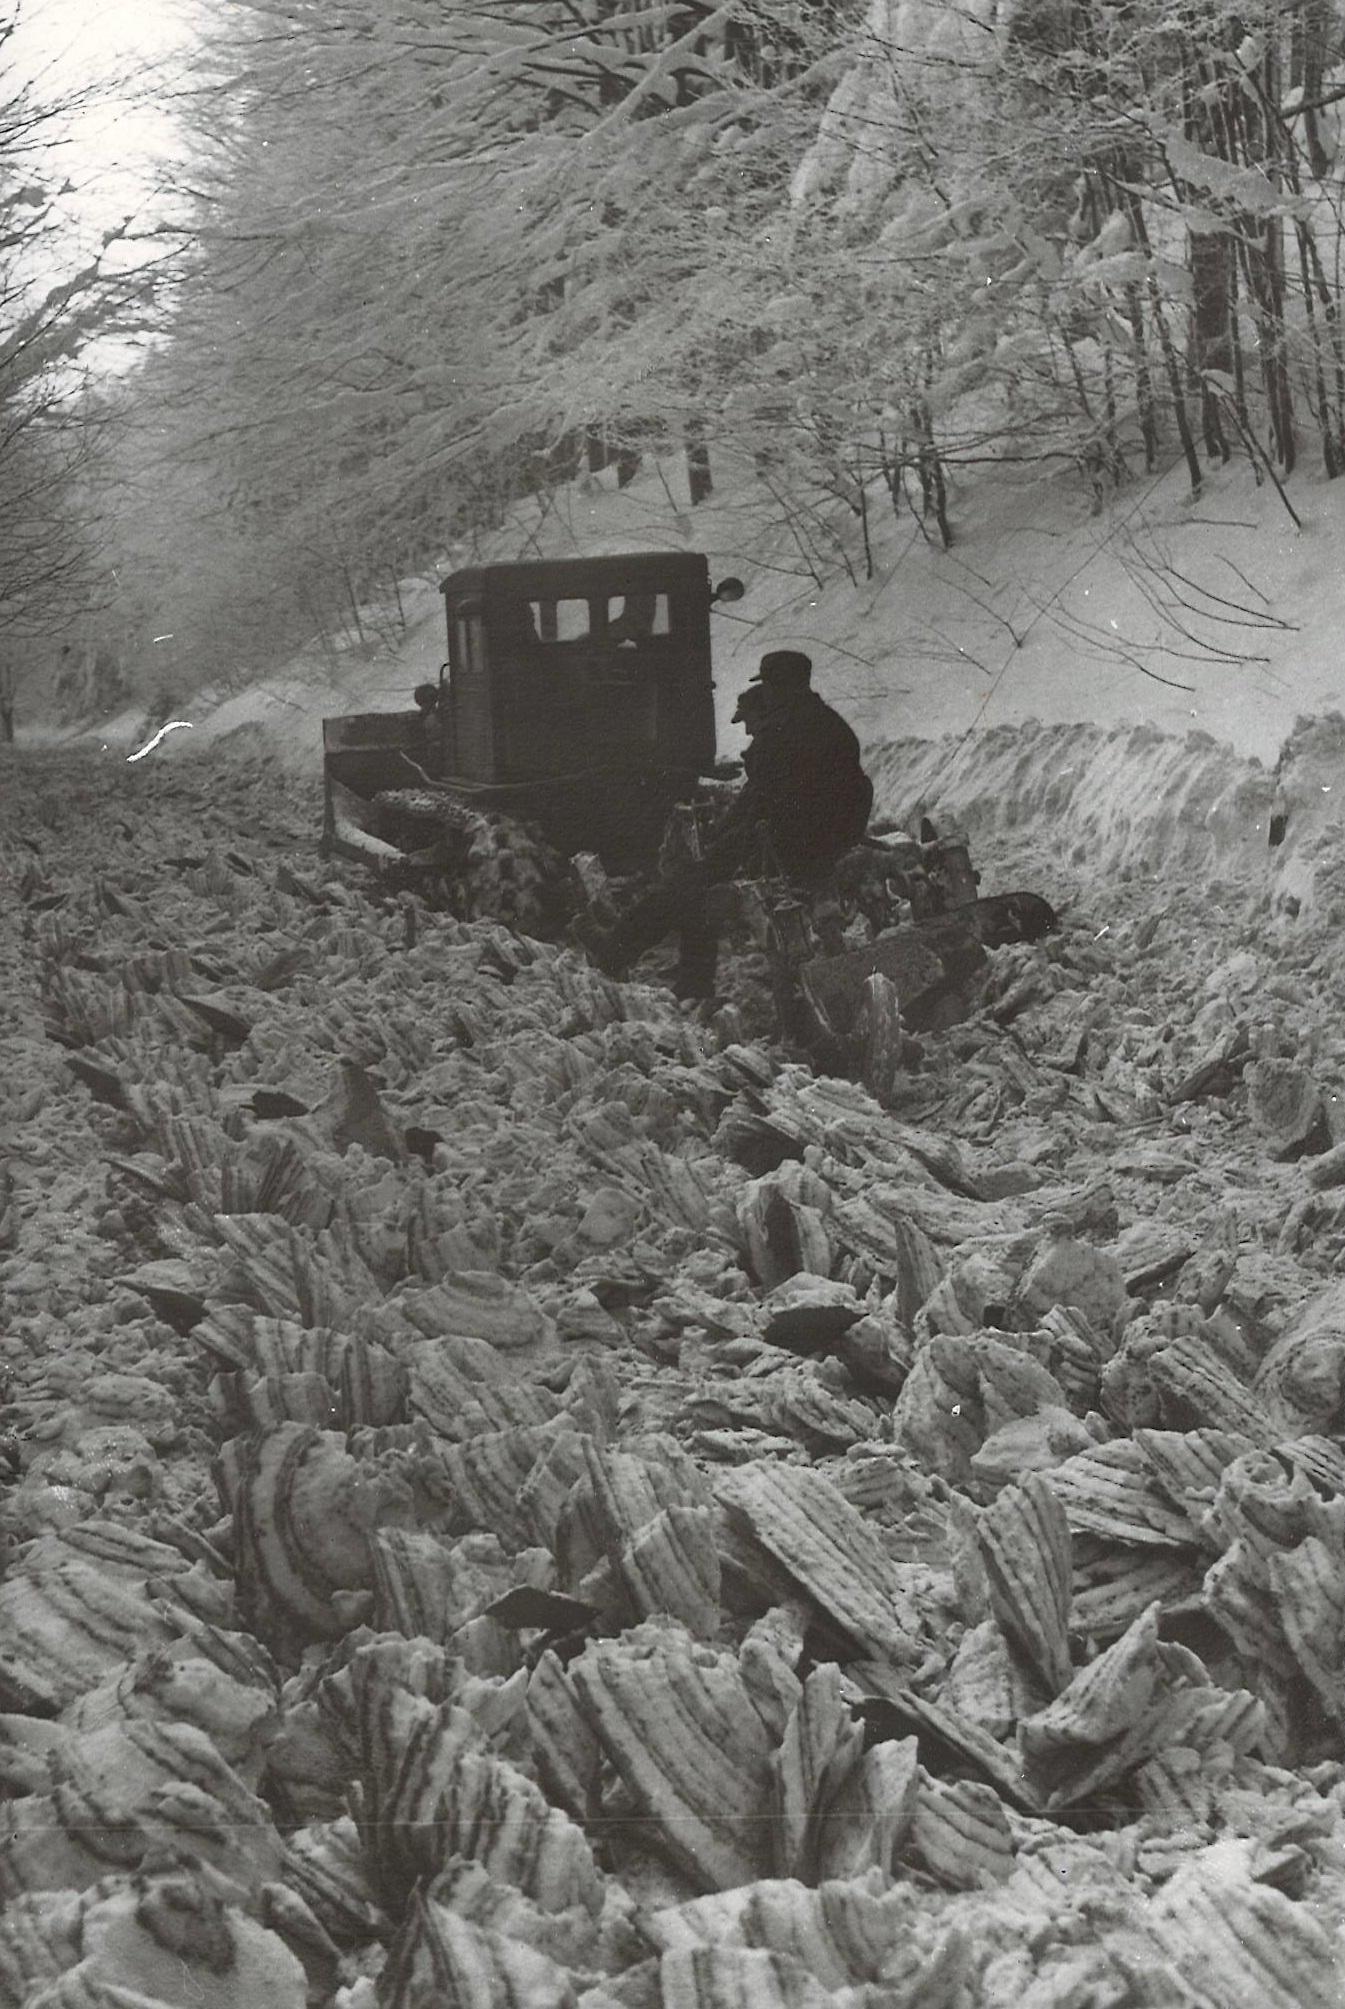 Rozorávání sněhové vrstvy na silnici přes Červenohorské sedlo, 60. léta 20. století zdroj foto: Muzeum silnic Vikýřovice silnic.